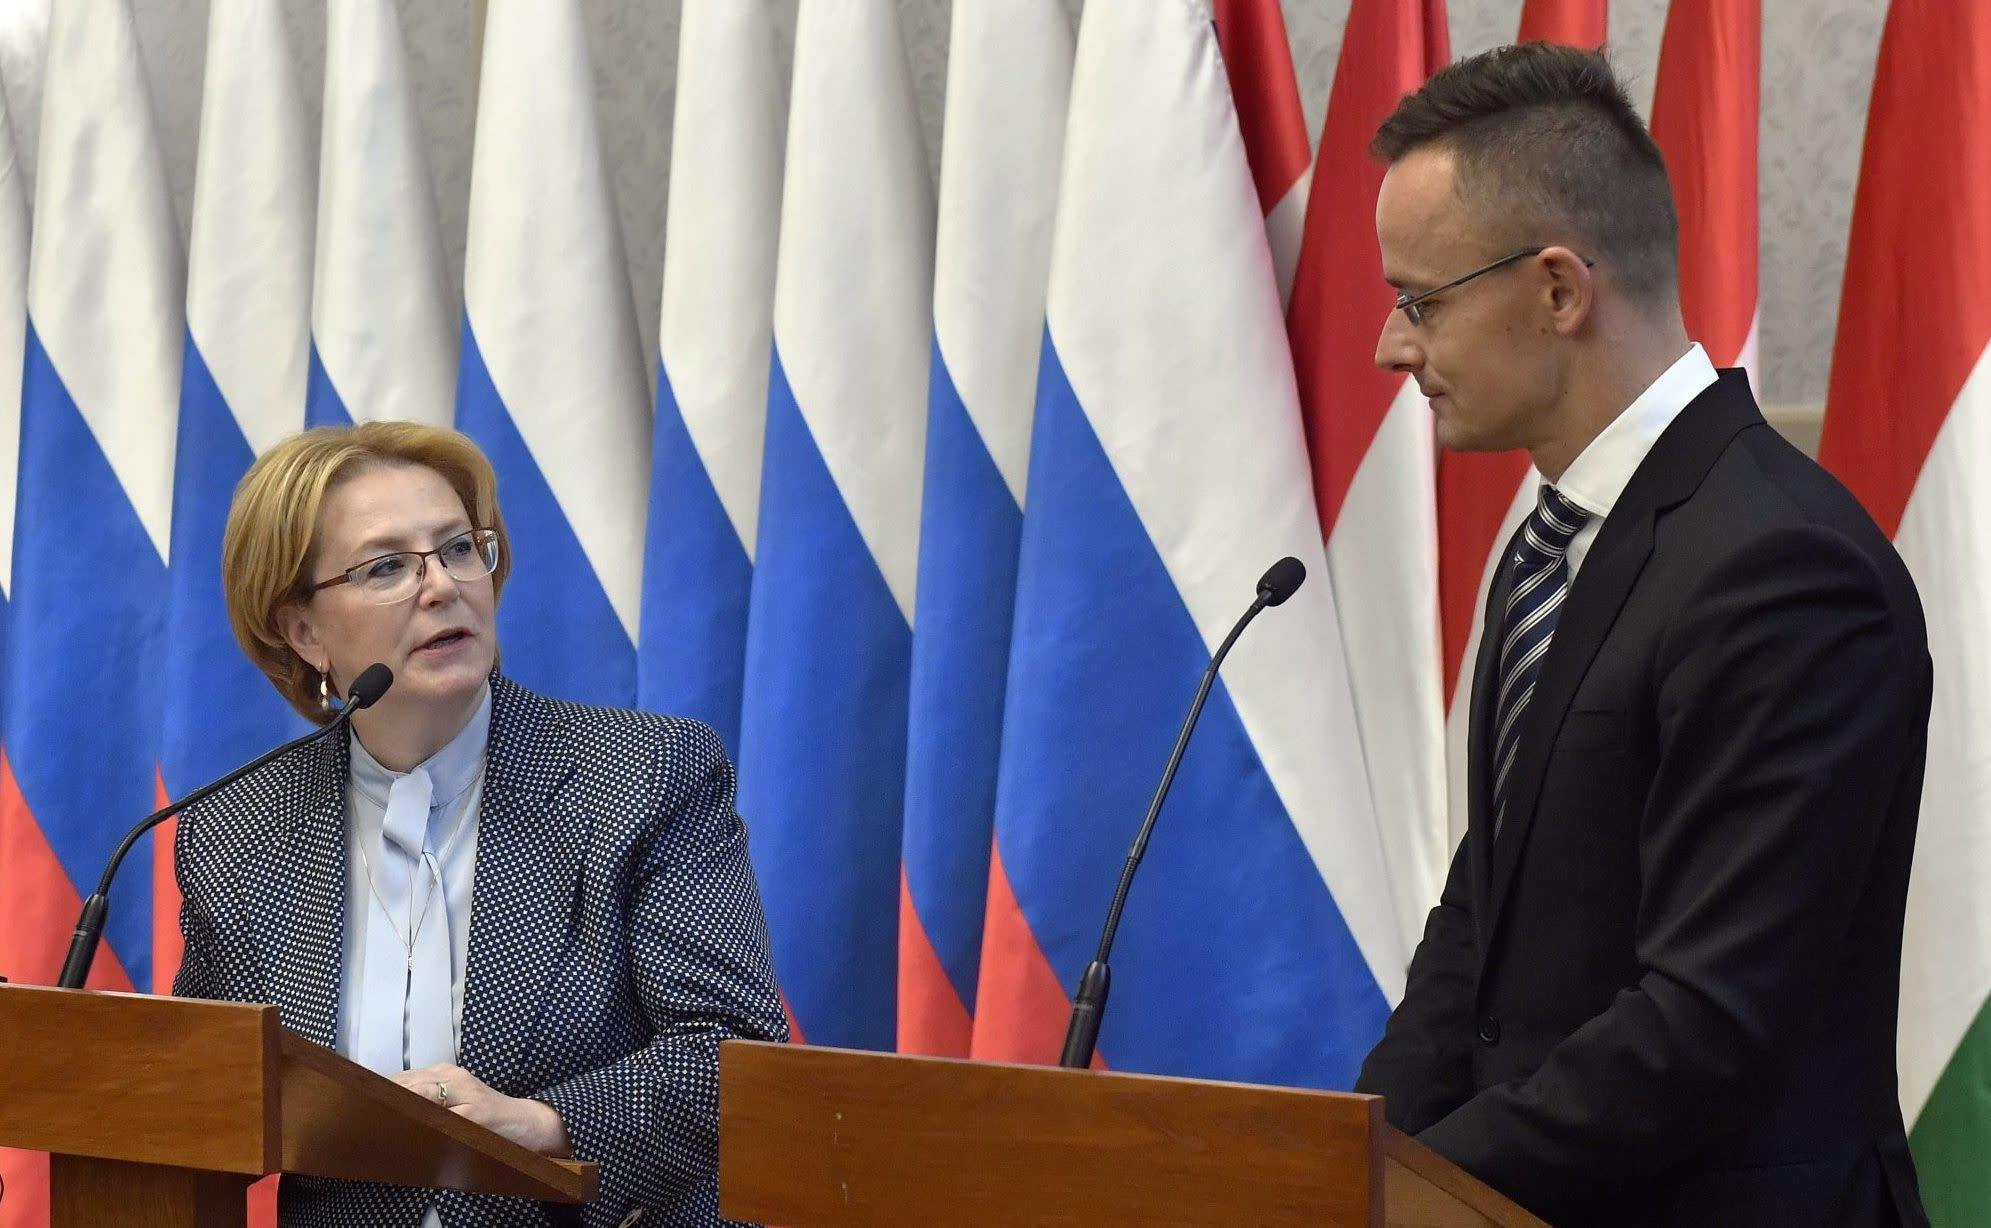 Hungarian Minister of Foreign Affairs and Trade Péter Szijjártó: